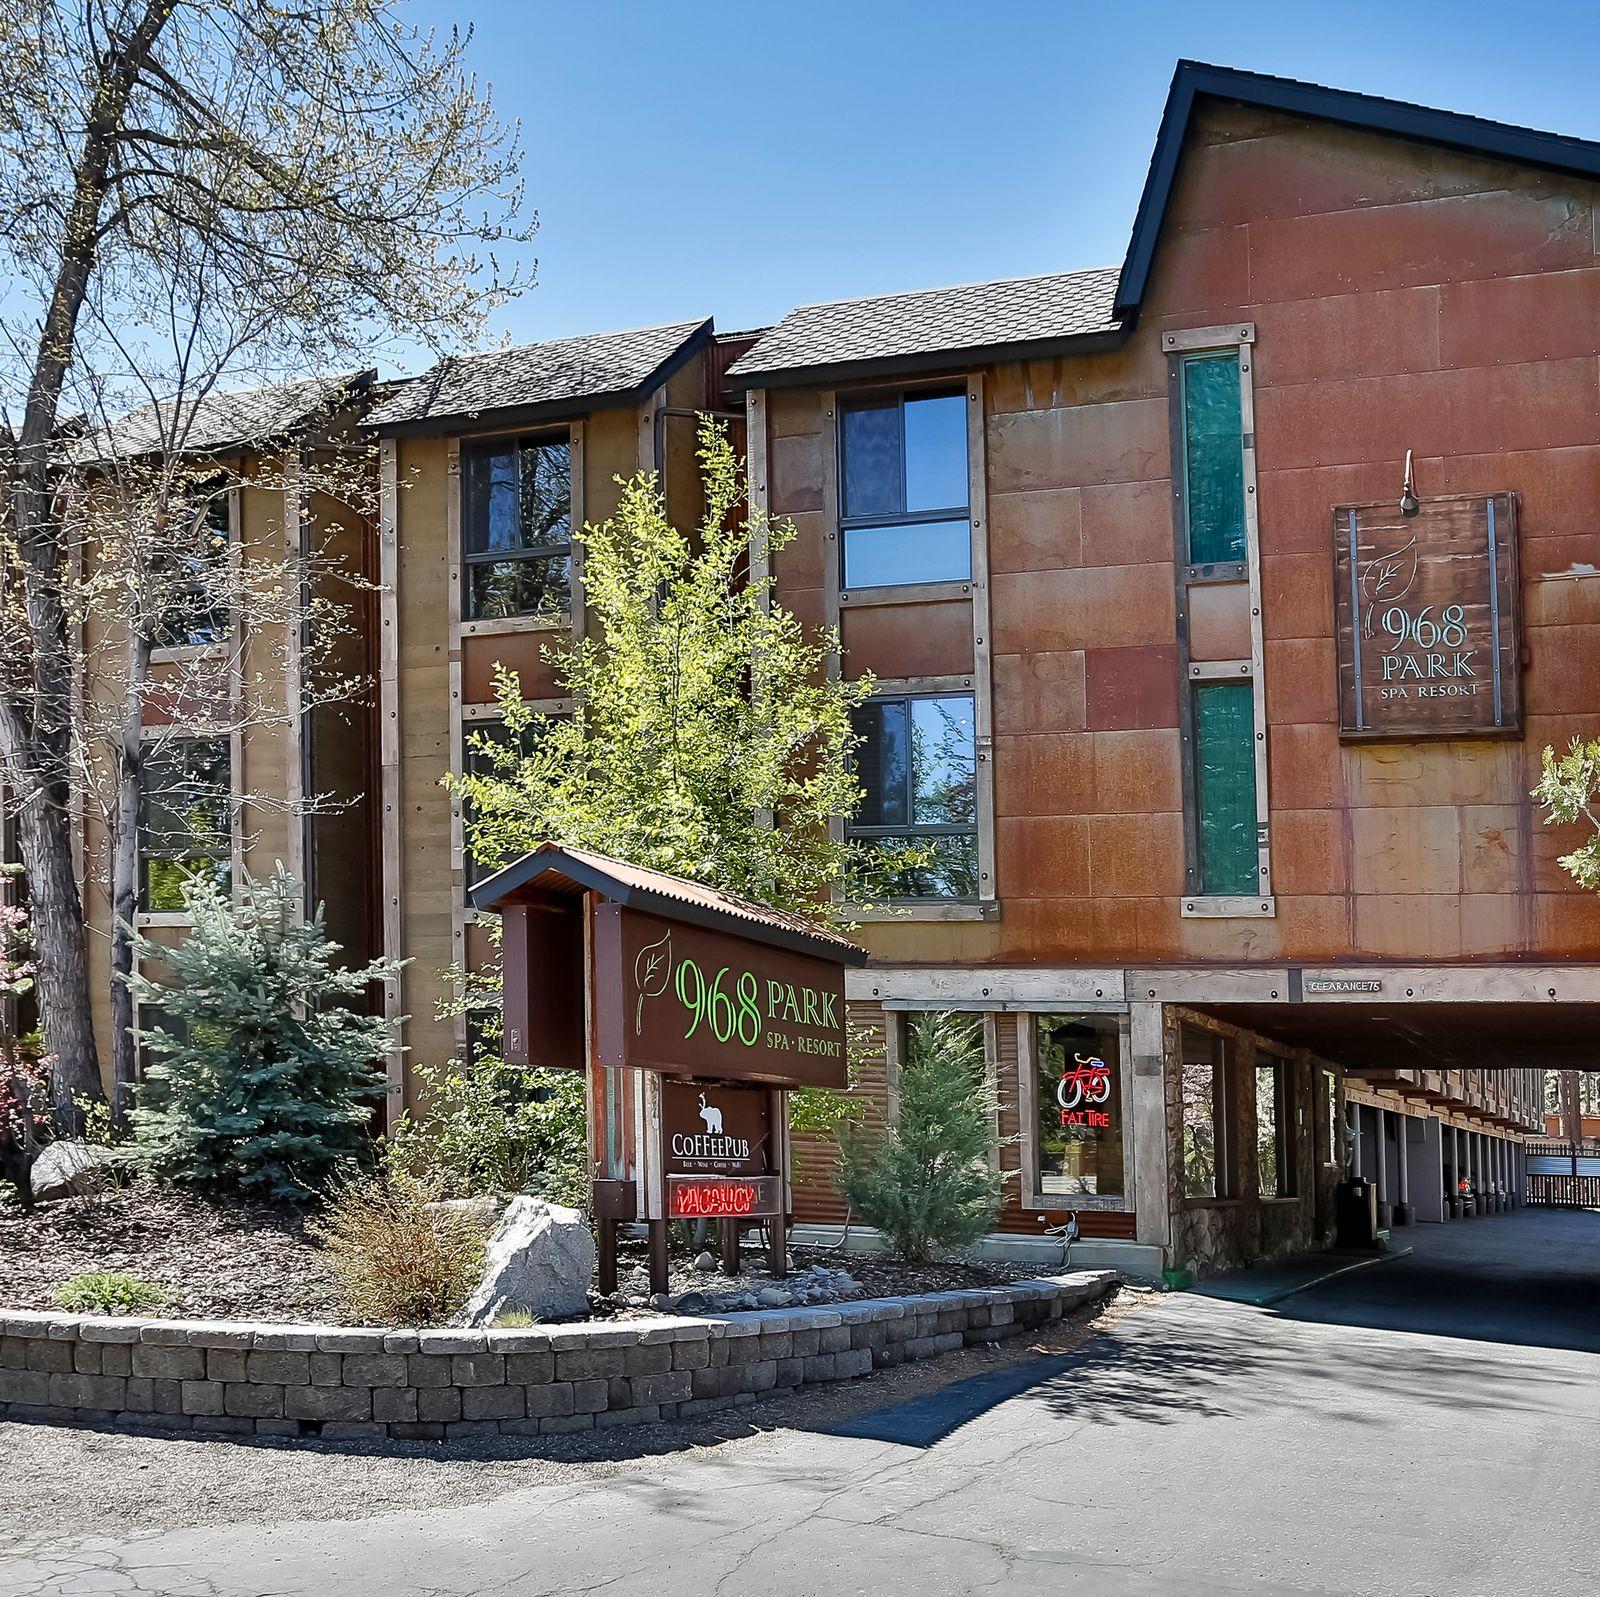 968 Park Hotel SouthLakeTahoe UnitedStates